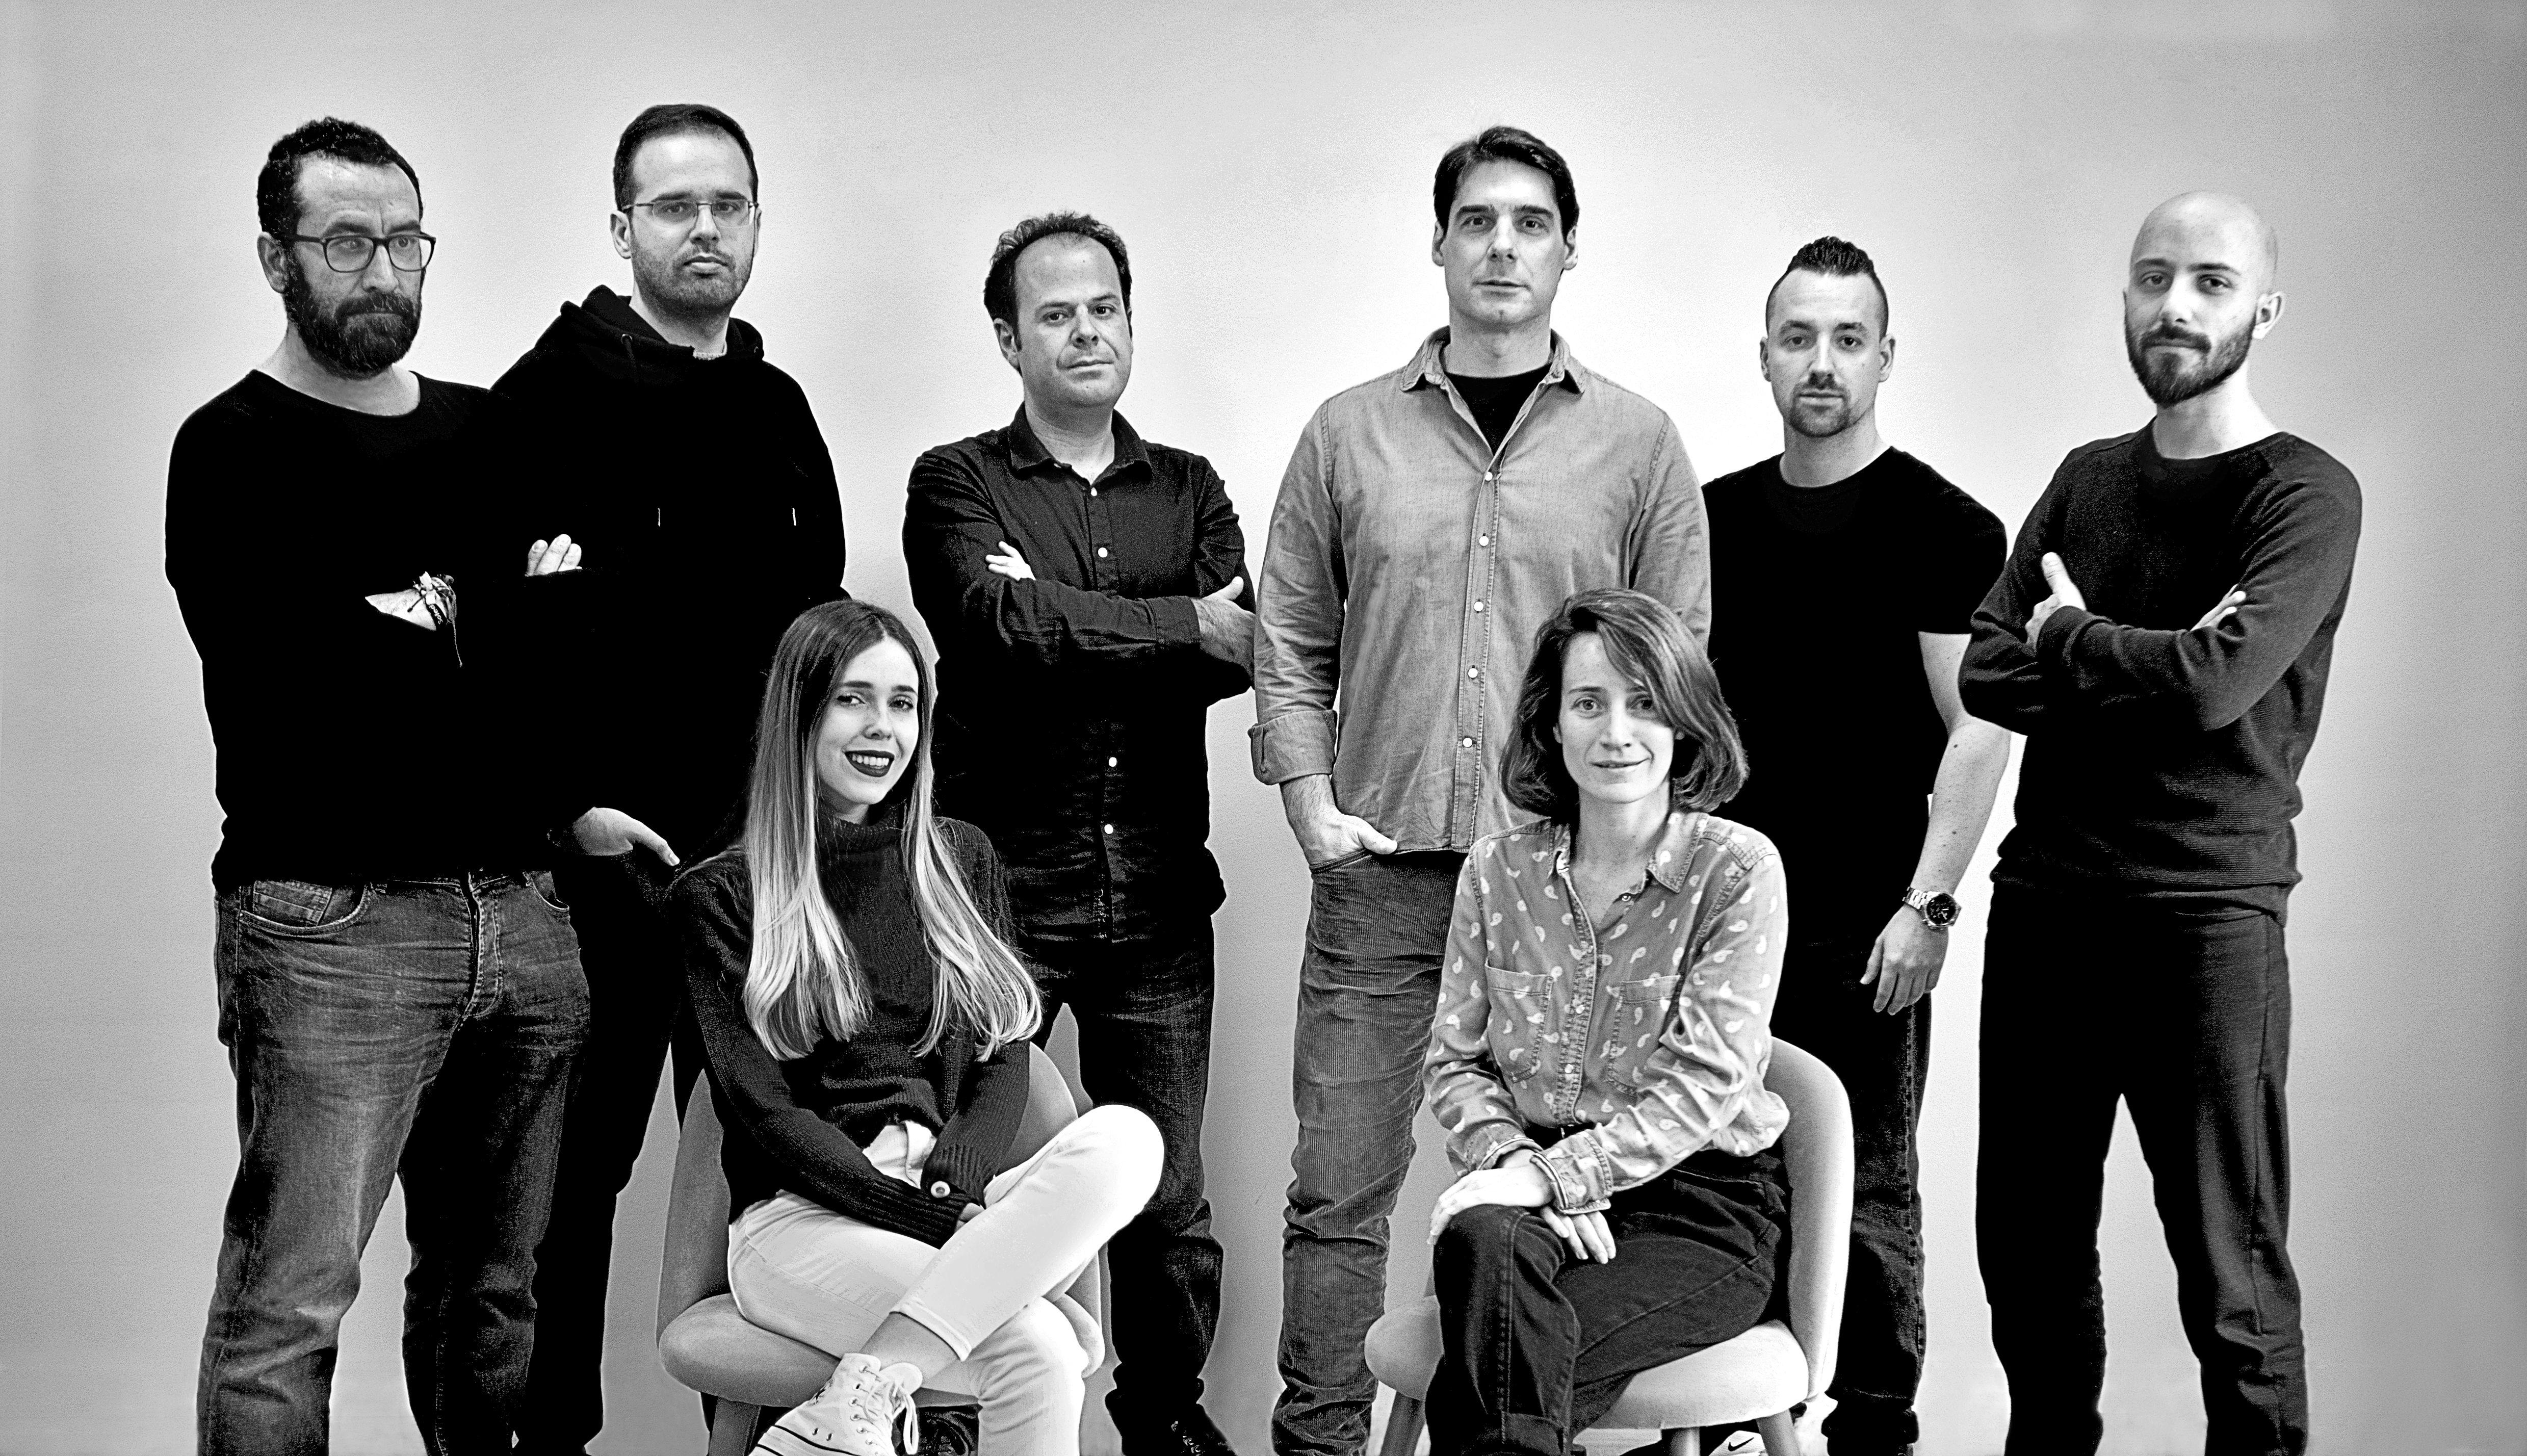 Con capital 100% español, lidera varias posiciones del ranking 'Los mejores actores de la industria publicitaria española' que publica El Publicista.